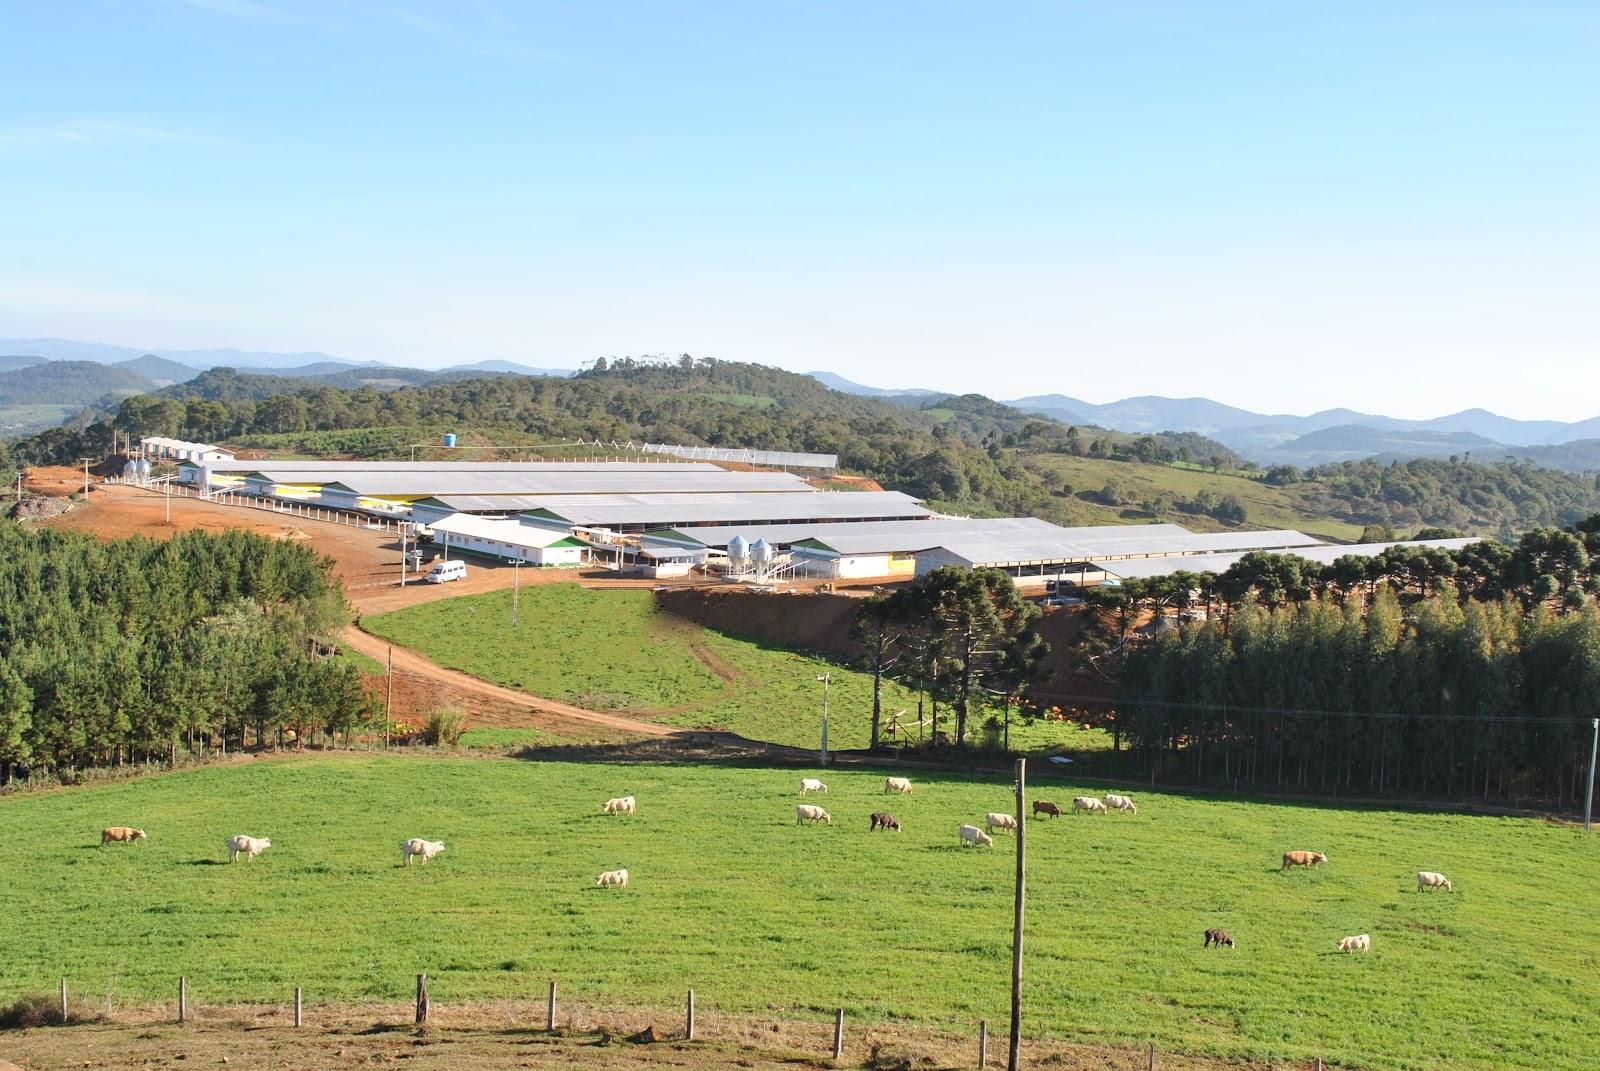 Suinocultura: Agropecuária Carboni e Pen Ar Lan iniciam produção em novo núcleo genético DSC 00862